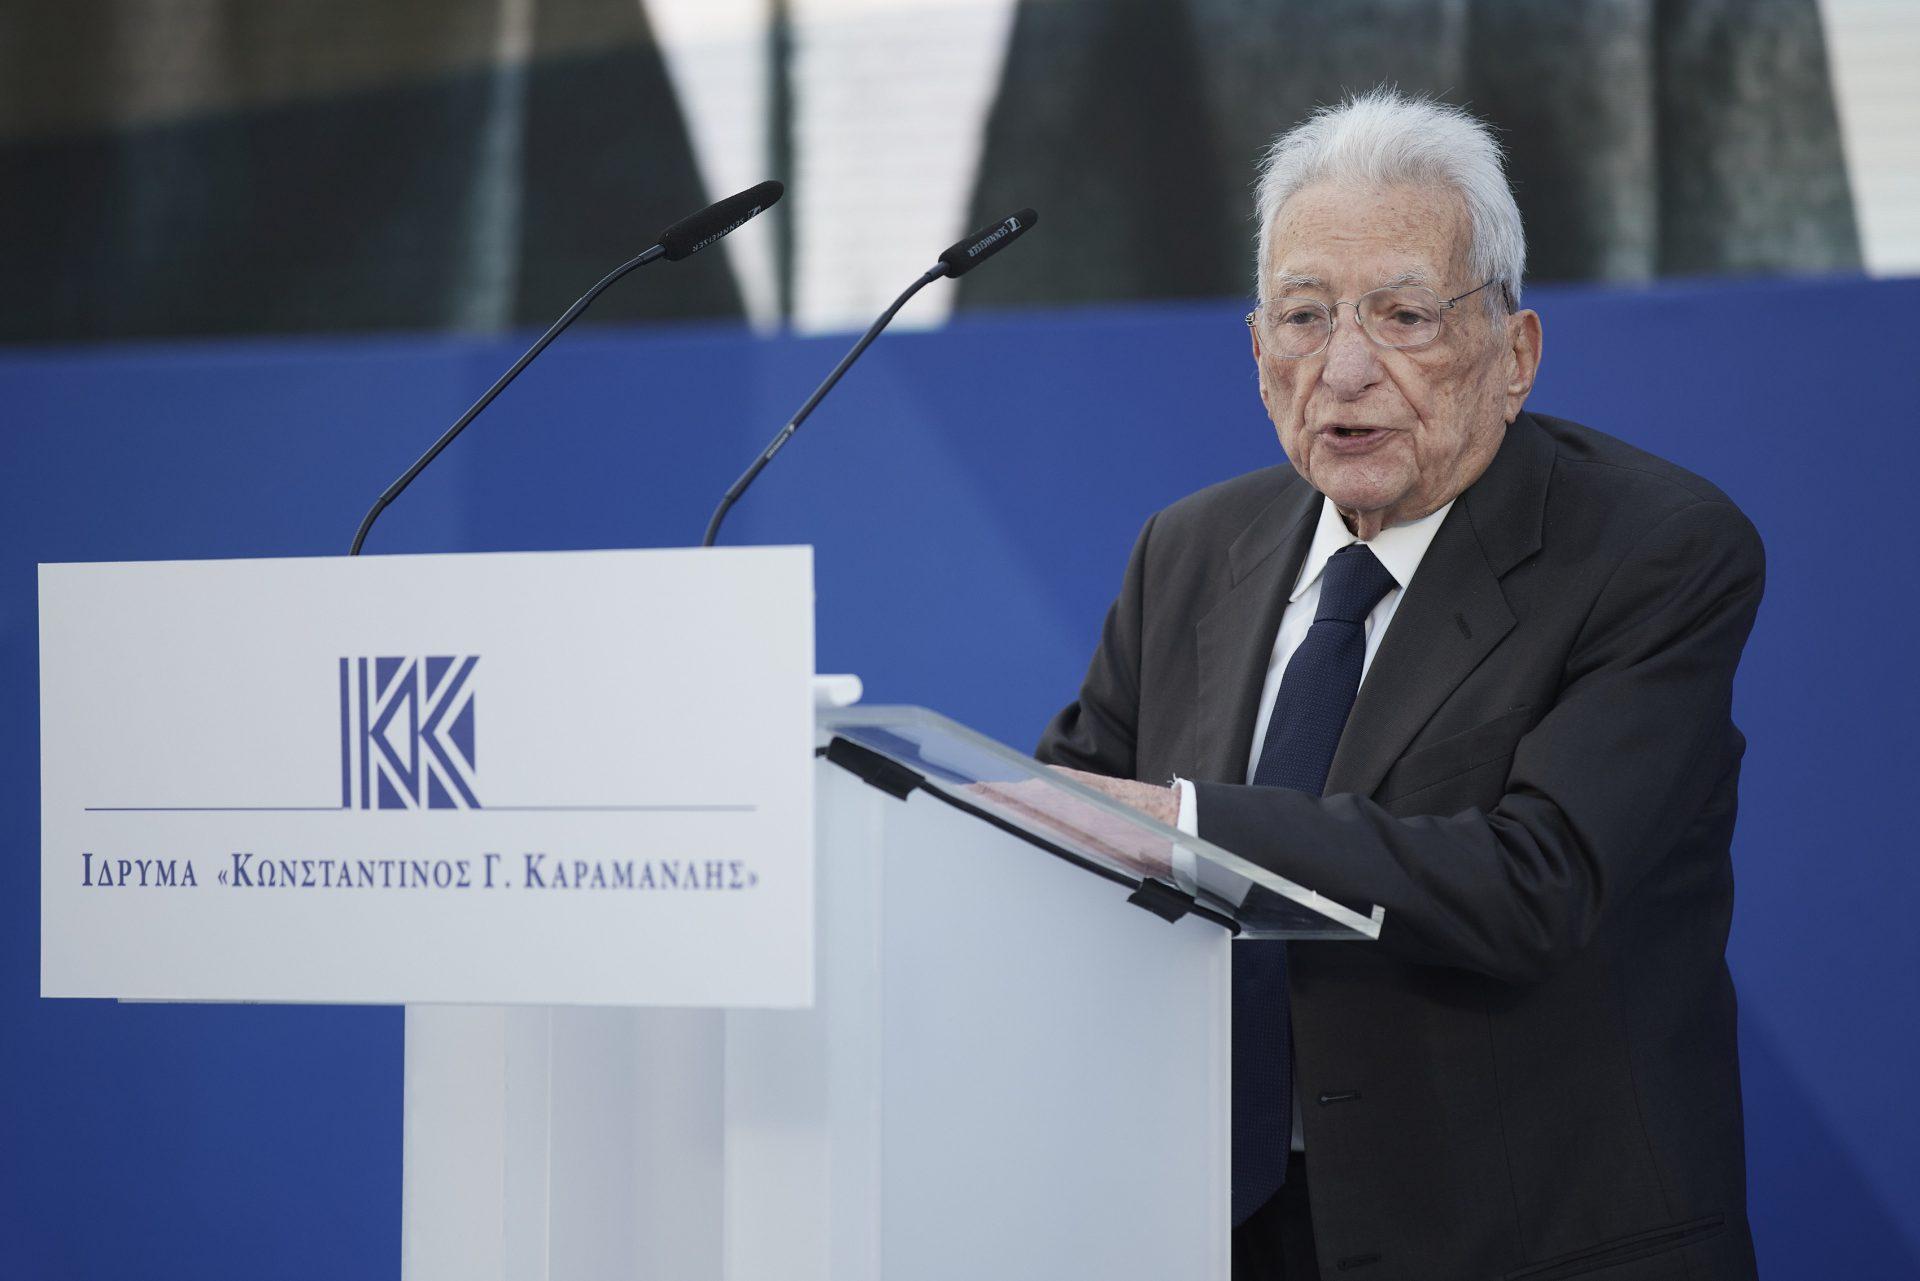 Πέτρος Μολυβιάτης: Το πολιτικό όραμα του Κ. Καραμανλή έχει επιτευχθεί σε μεγάλο βαθμό